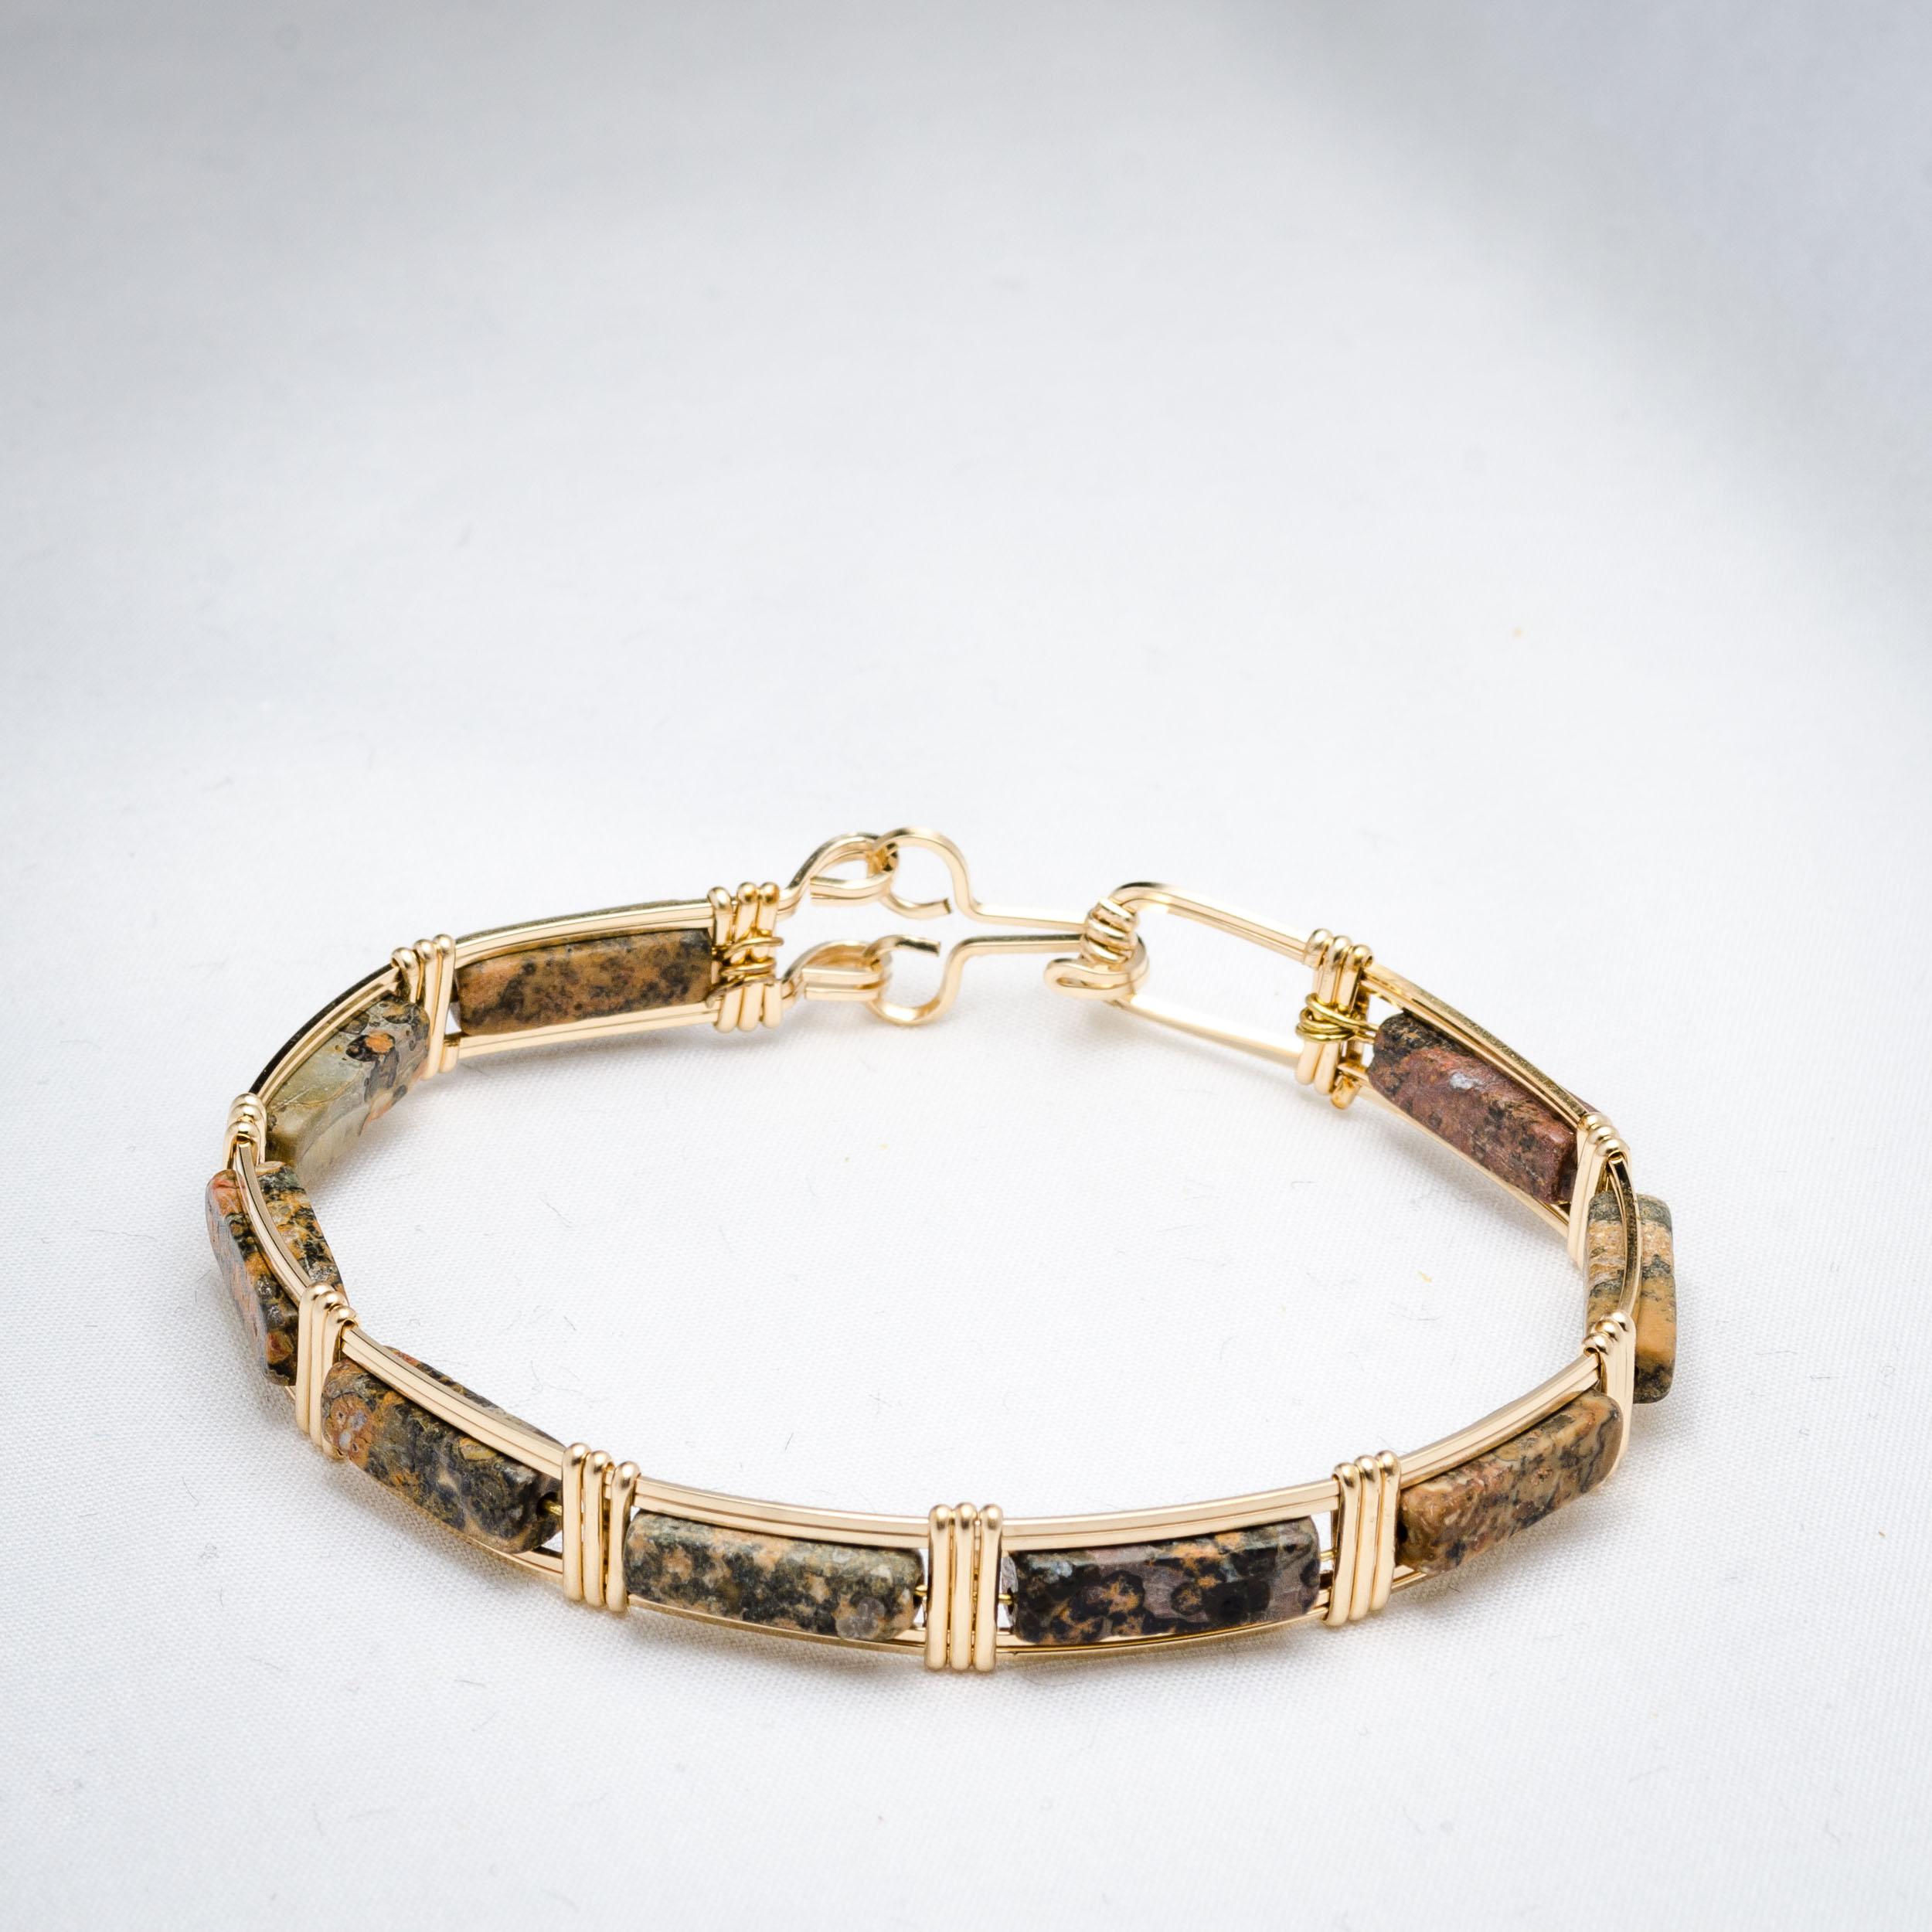 Bracelet_125.JPG